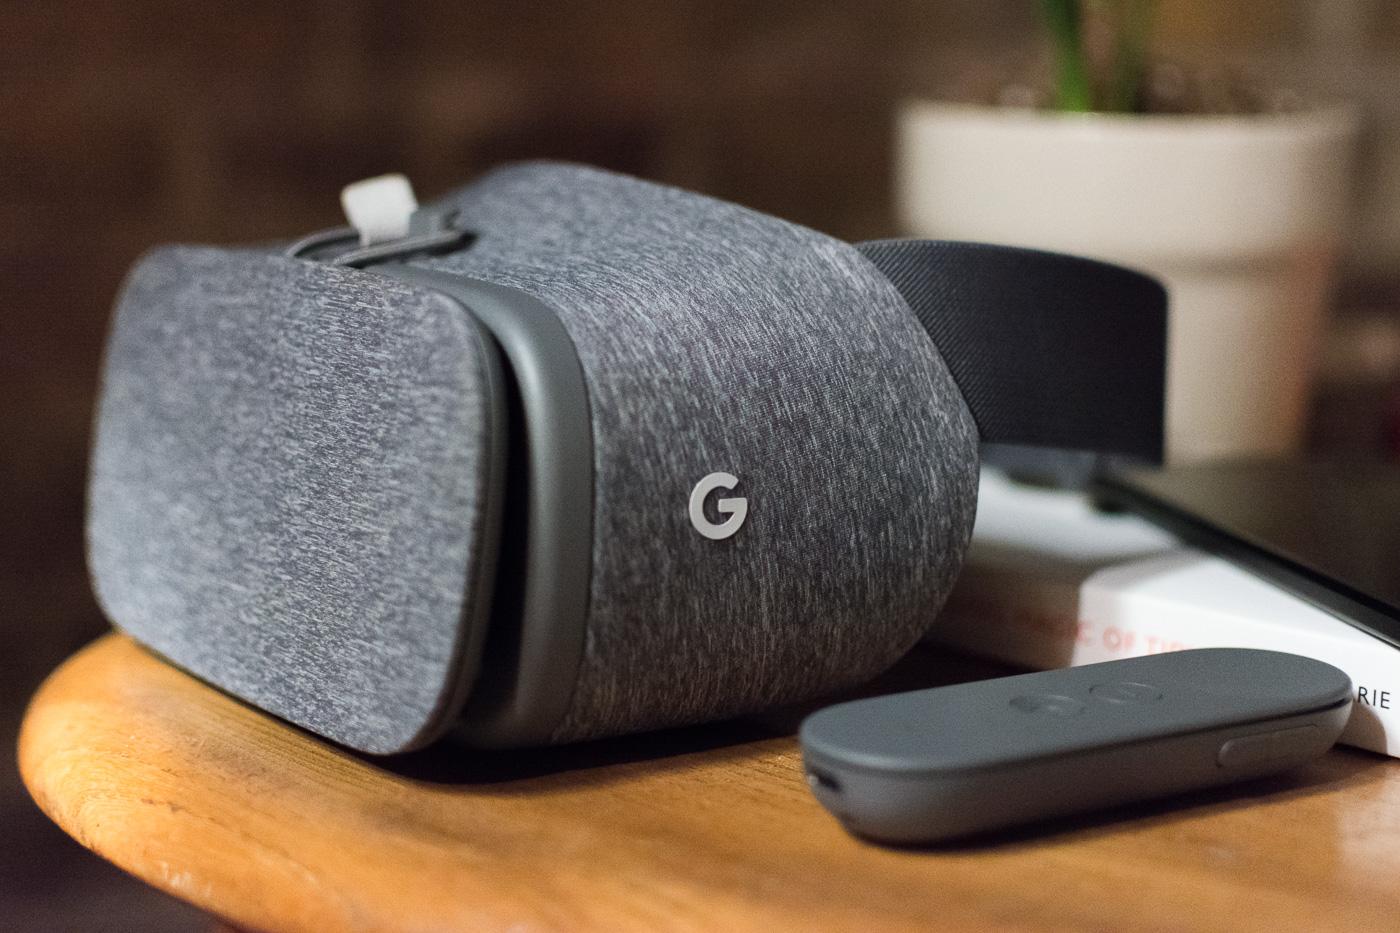 Google ma w rękach wszystko, by wprowadzić VR pod strzechy. Daydream View – pierwsze wrażenia Spider's Web